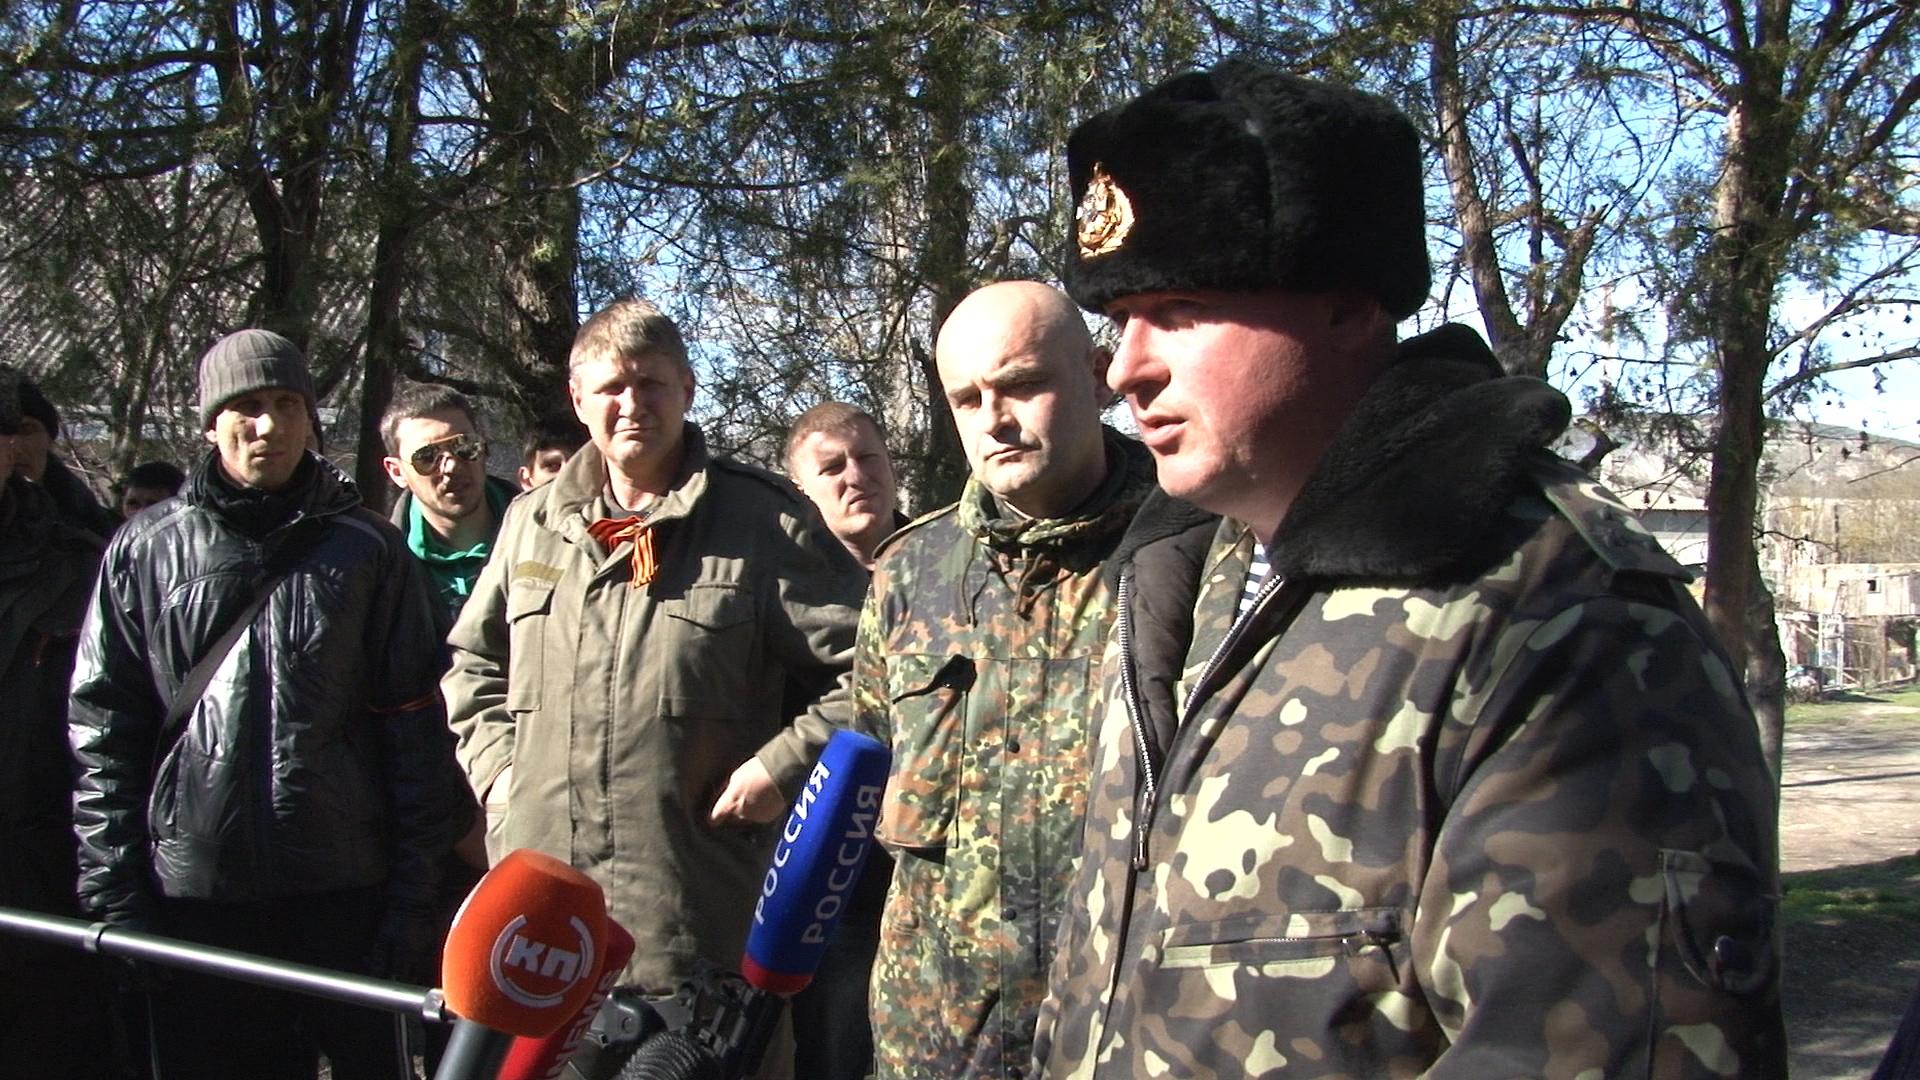 Крым: Командир украинской военной части в Бахчисарае и присяга